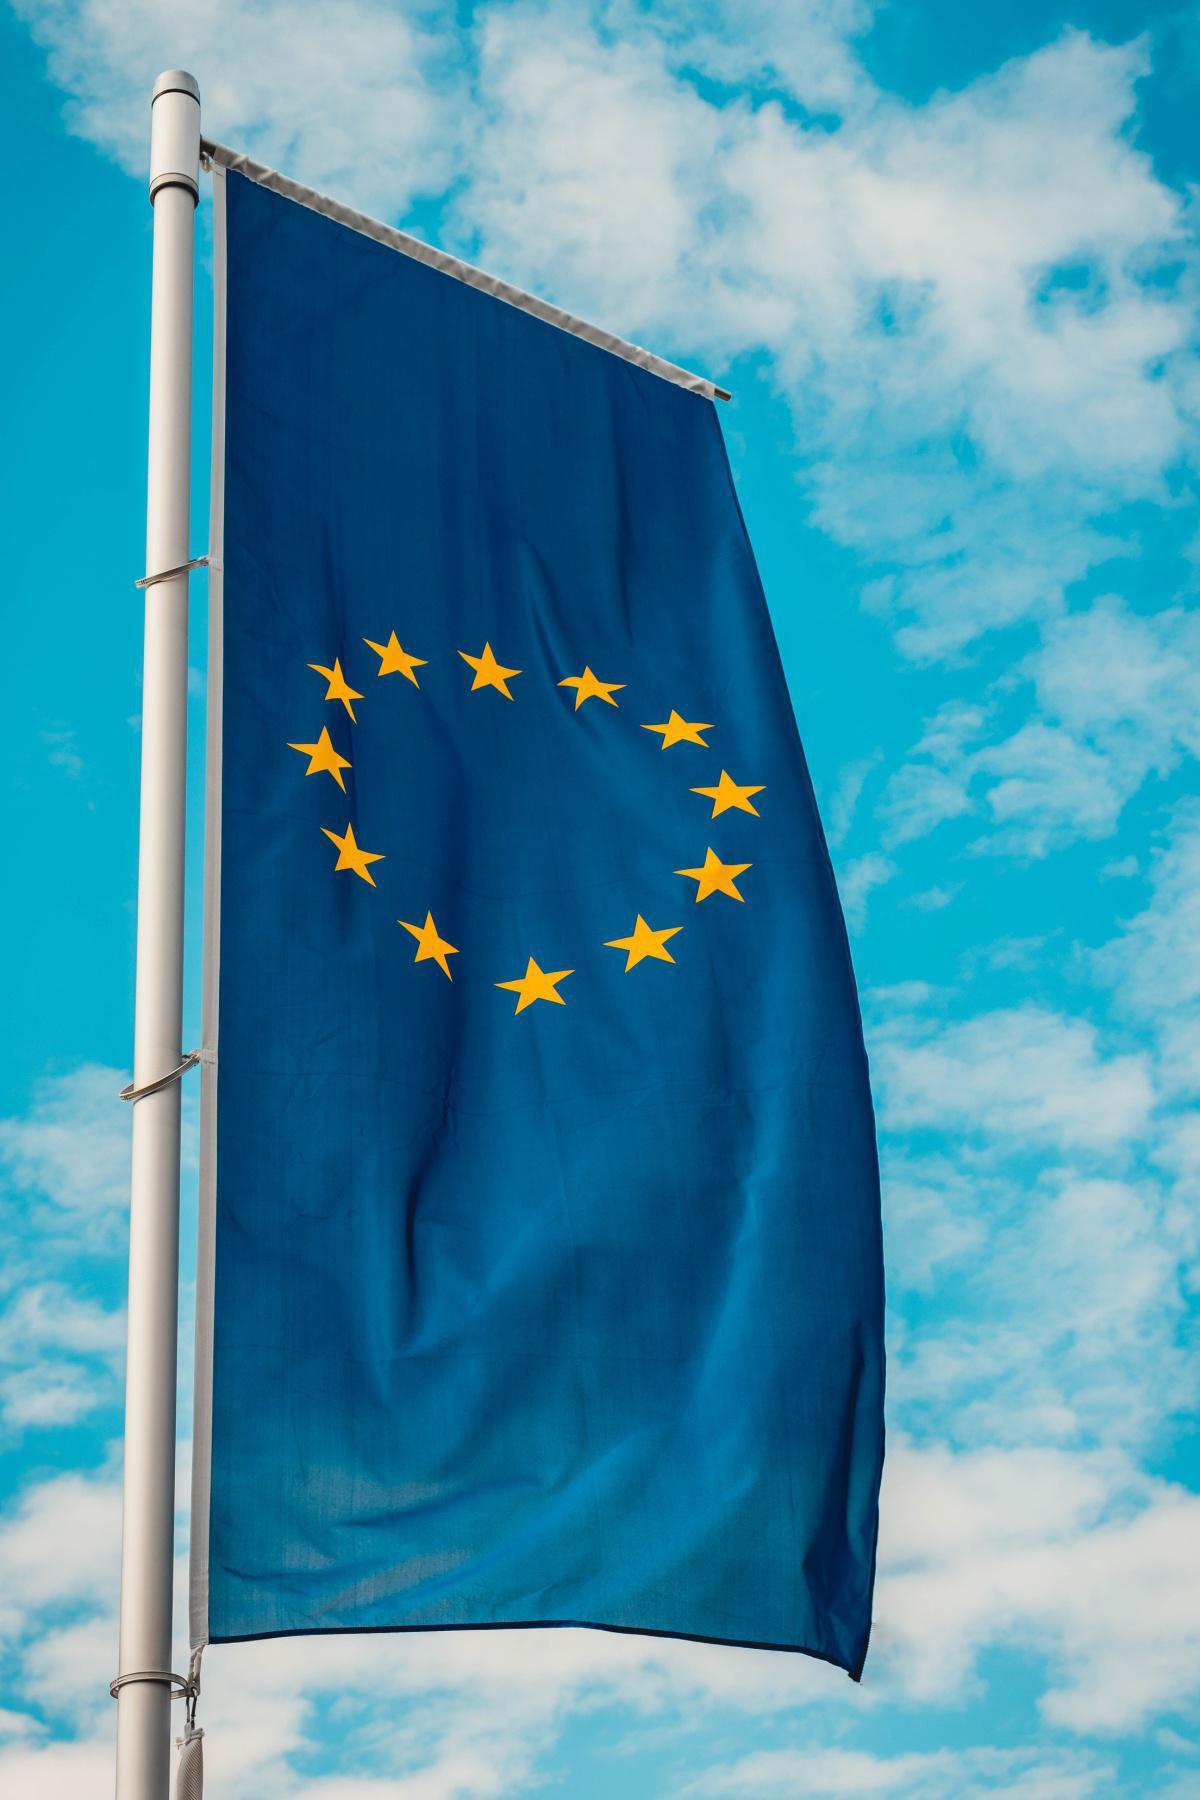 Notre engagement Pour l'Europe